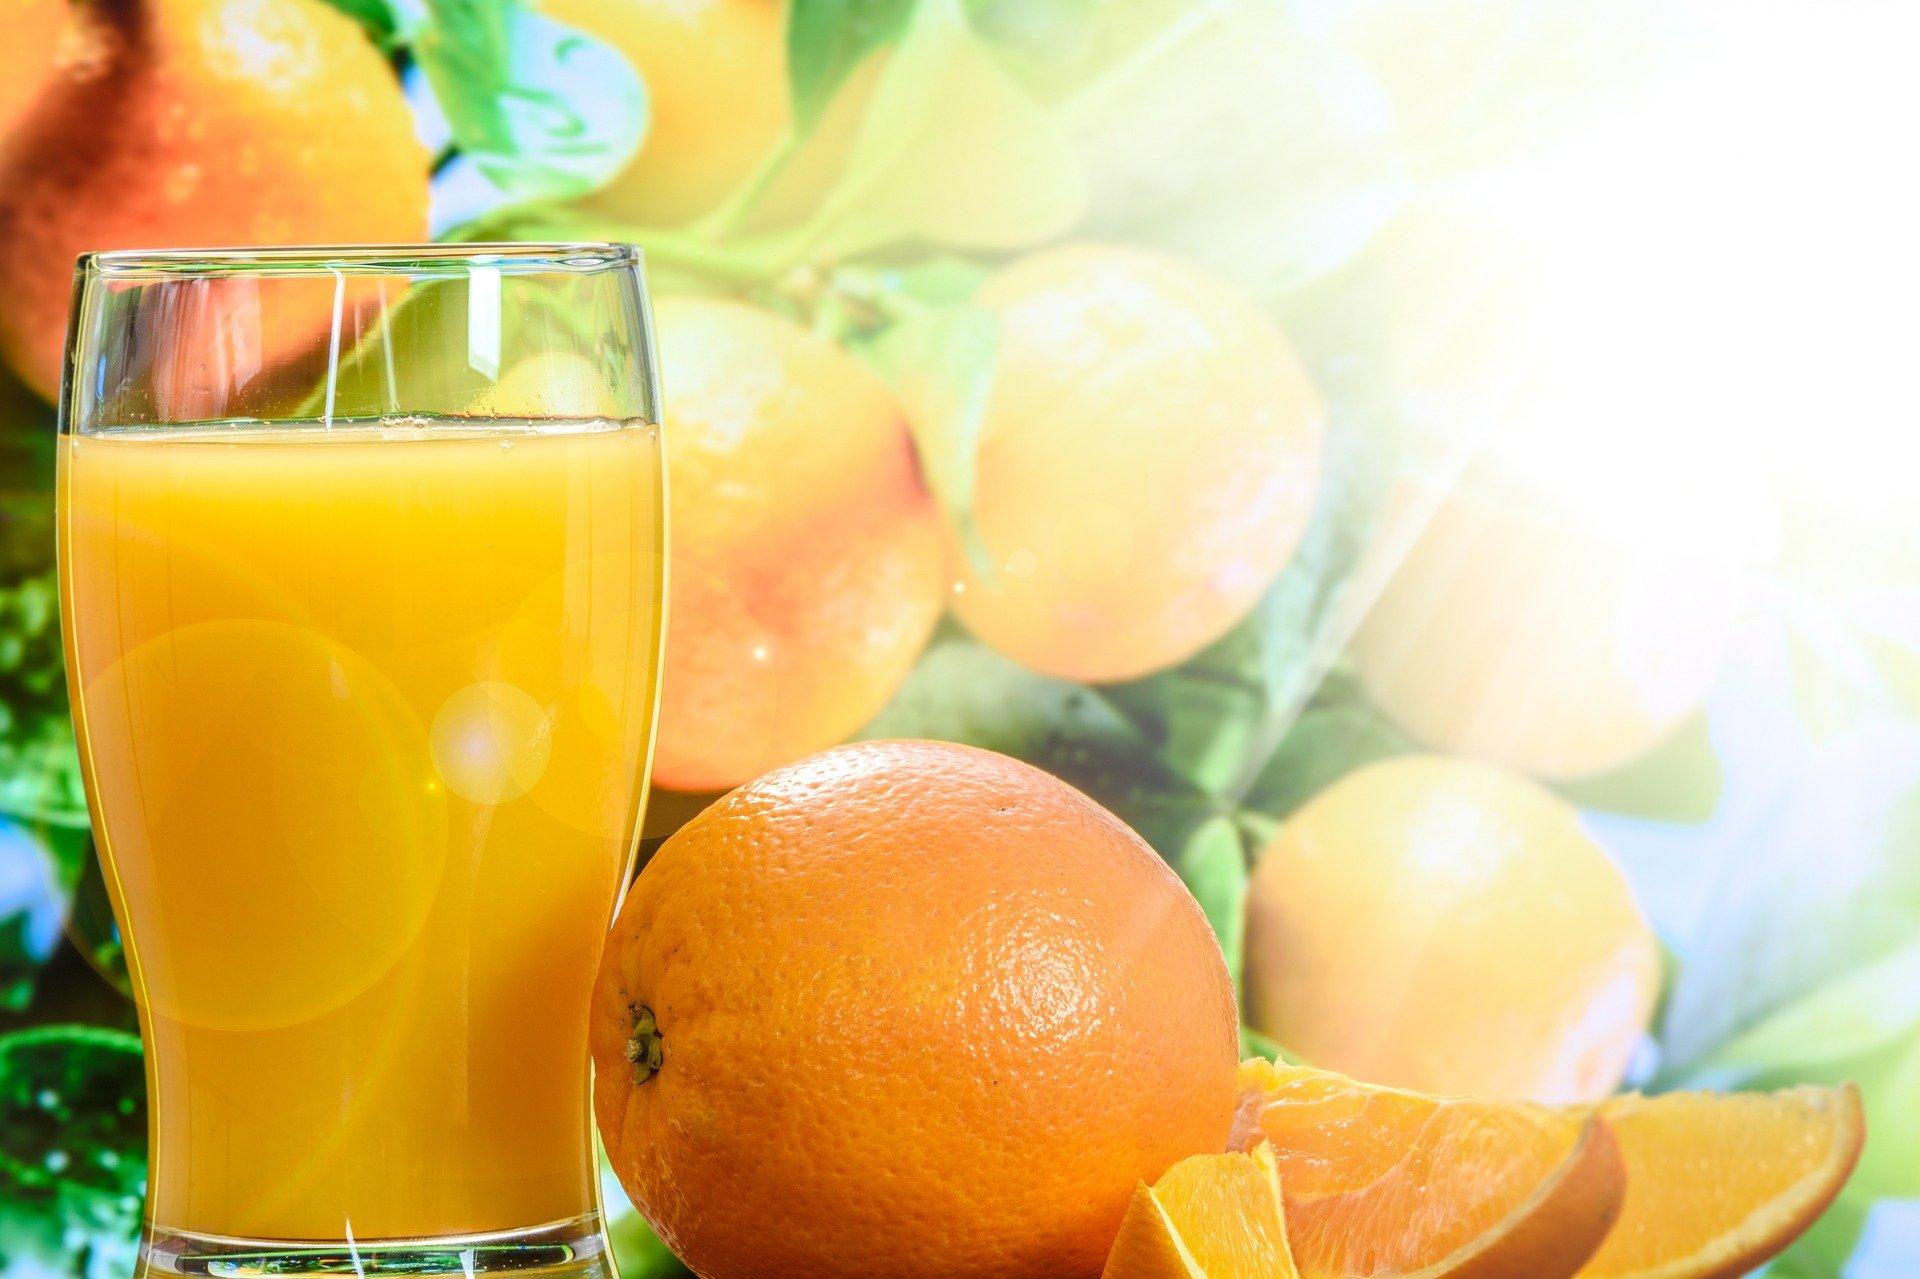 Zumo de naranja, alimentos que afectan al sabor